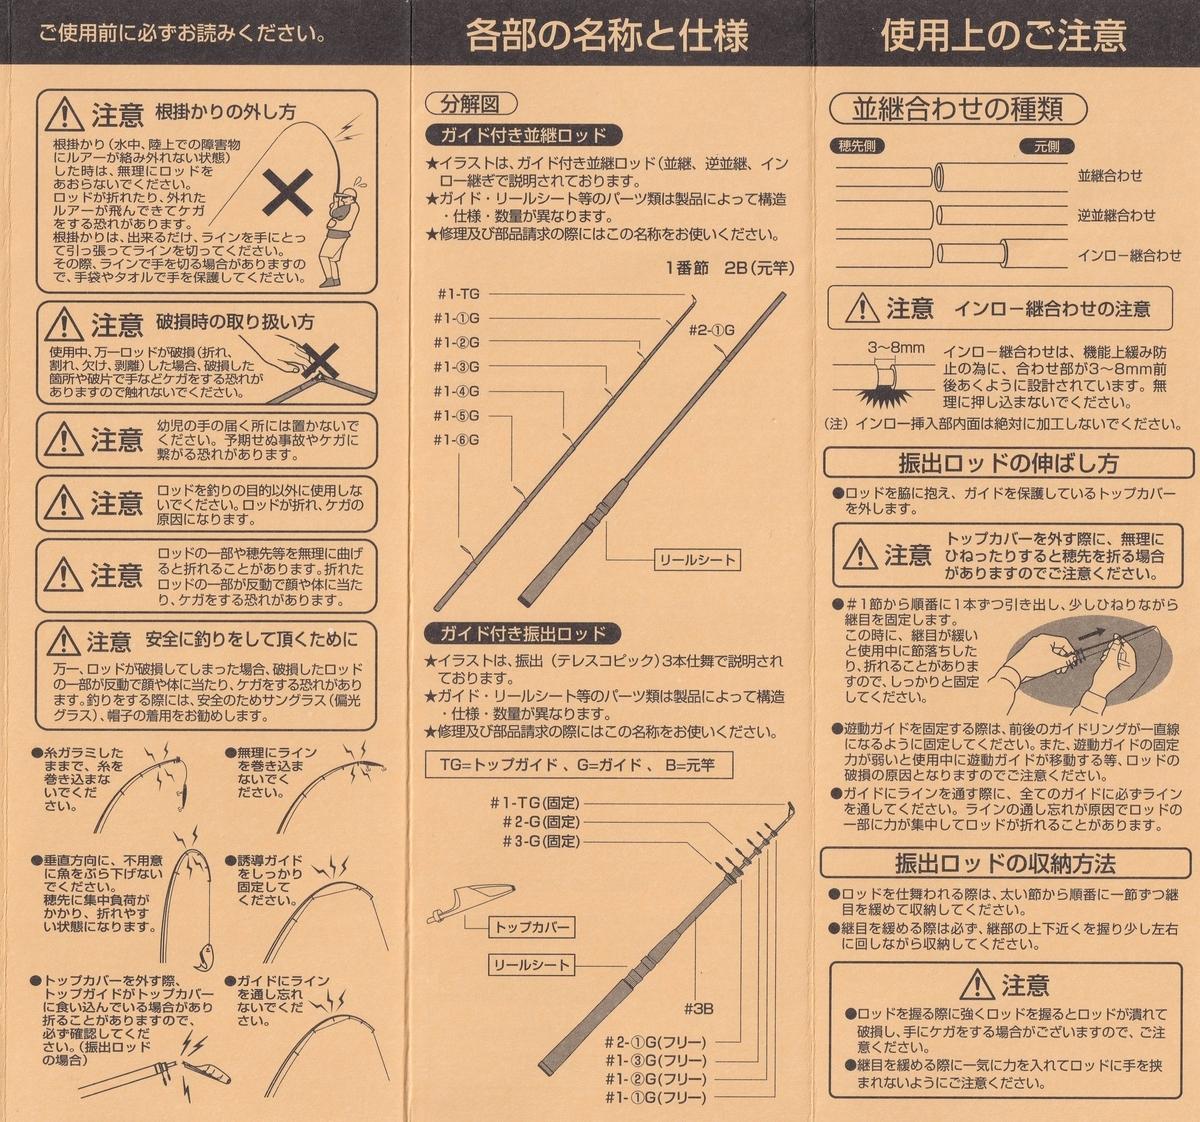 f:id:totoro-niisan:20200527053653j:plain